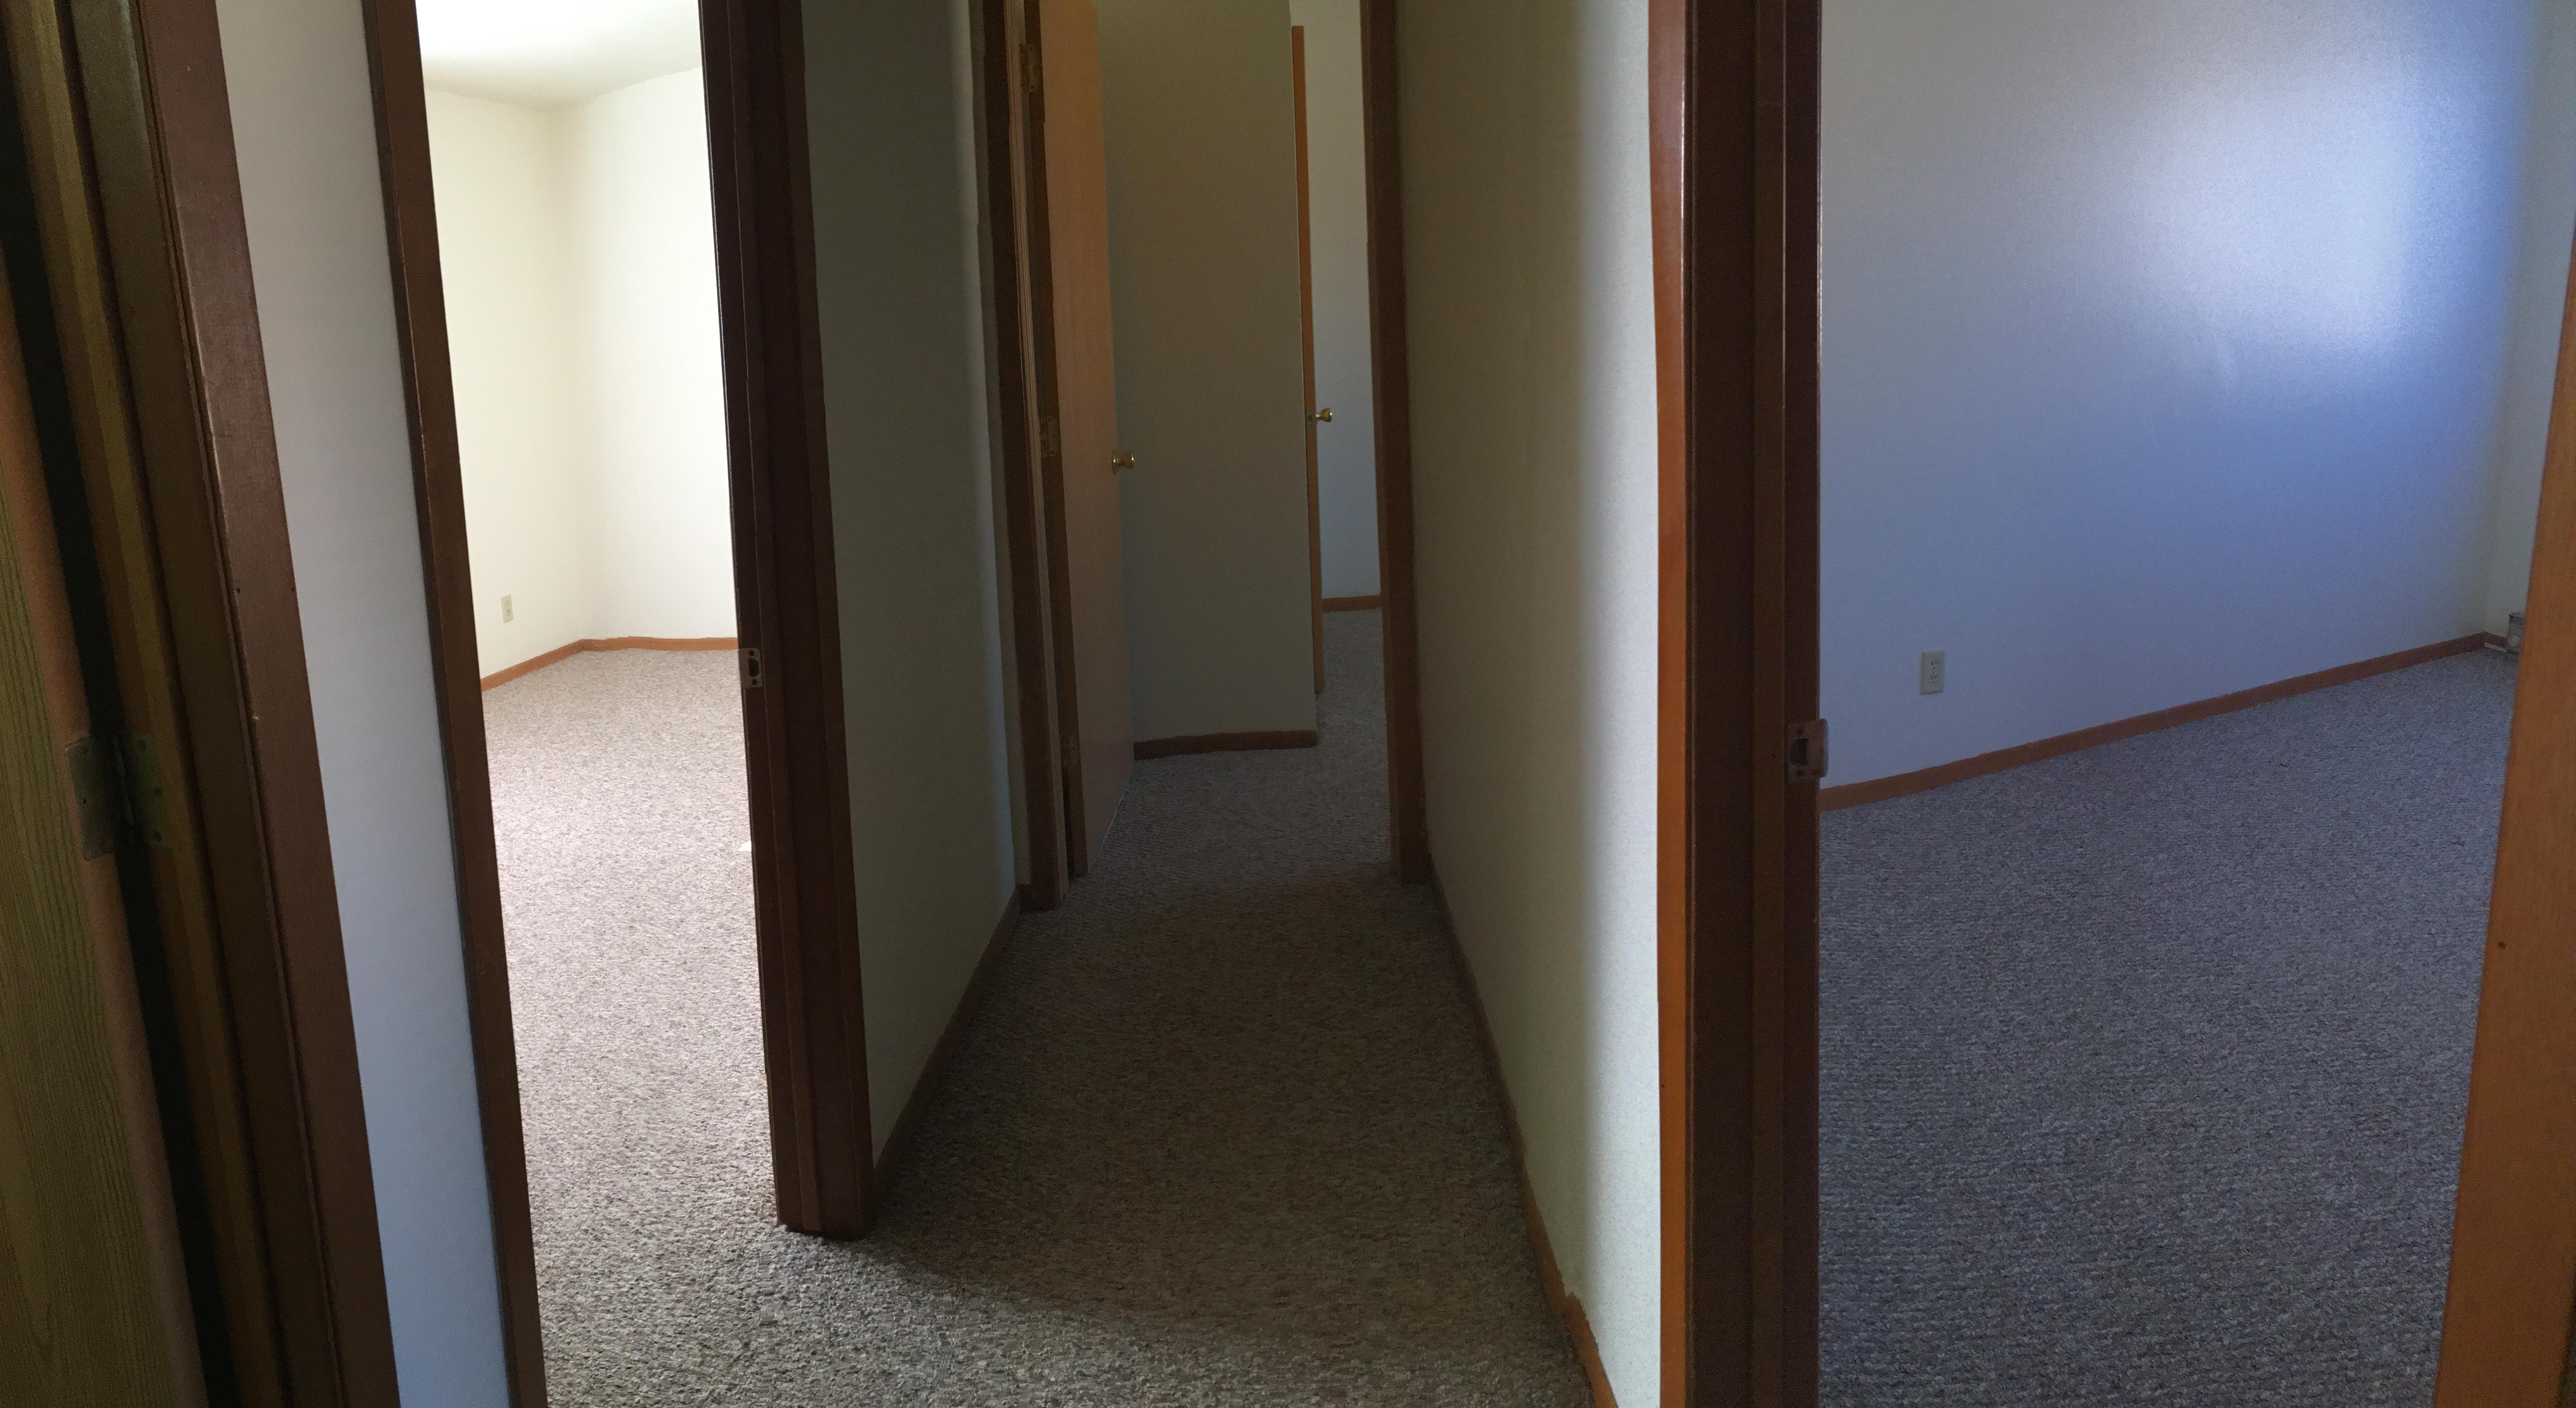 812 Greenbrier Rd, DeKalb, IL 60115 (4-8 Blocks Away)